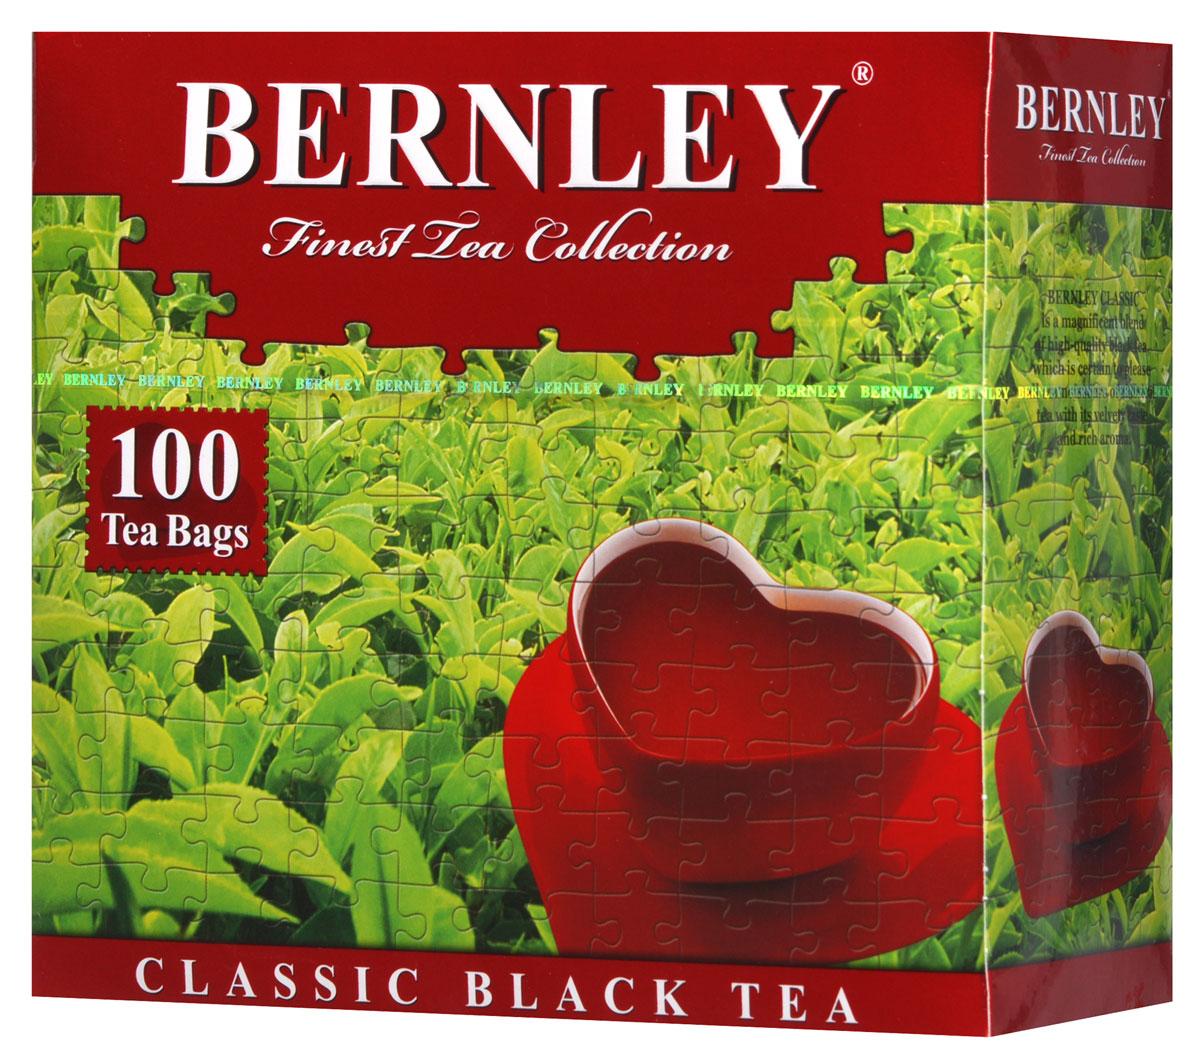 Bernley Классический черный чай в пакетиках, 100 шт0120710Пакетированный черный индийский чай Bernley Классический при заваривании дает крепкий настой яркого цвета с отлично тонизирующим вкусом и неповторимым насыщенным ароматом.